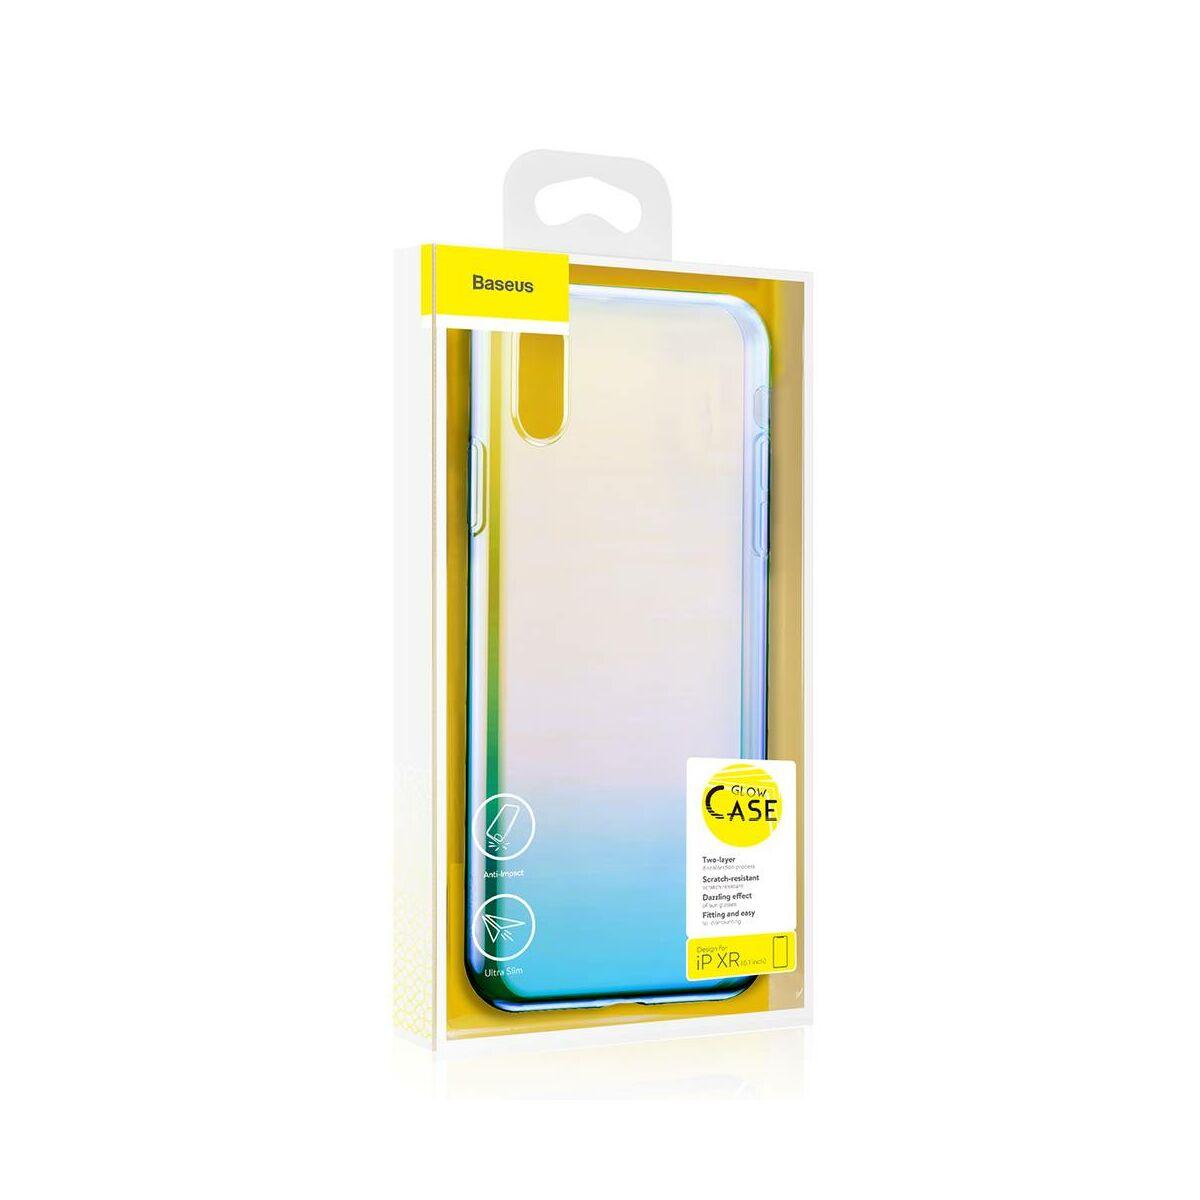 Baseus iPhone XR tok, Glow, átlátszó kék (WIAPIPH61-XG03)